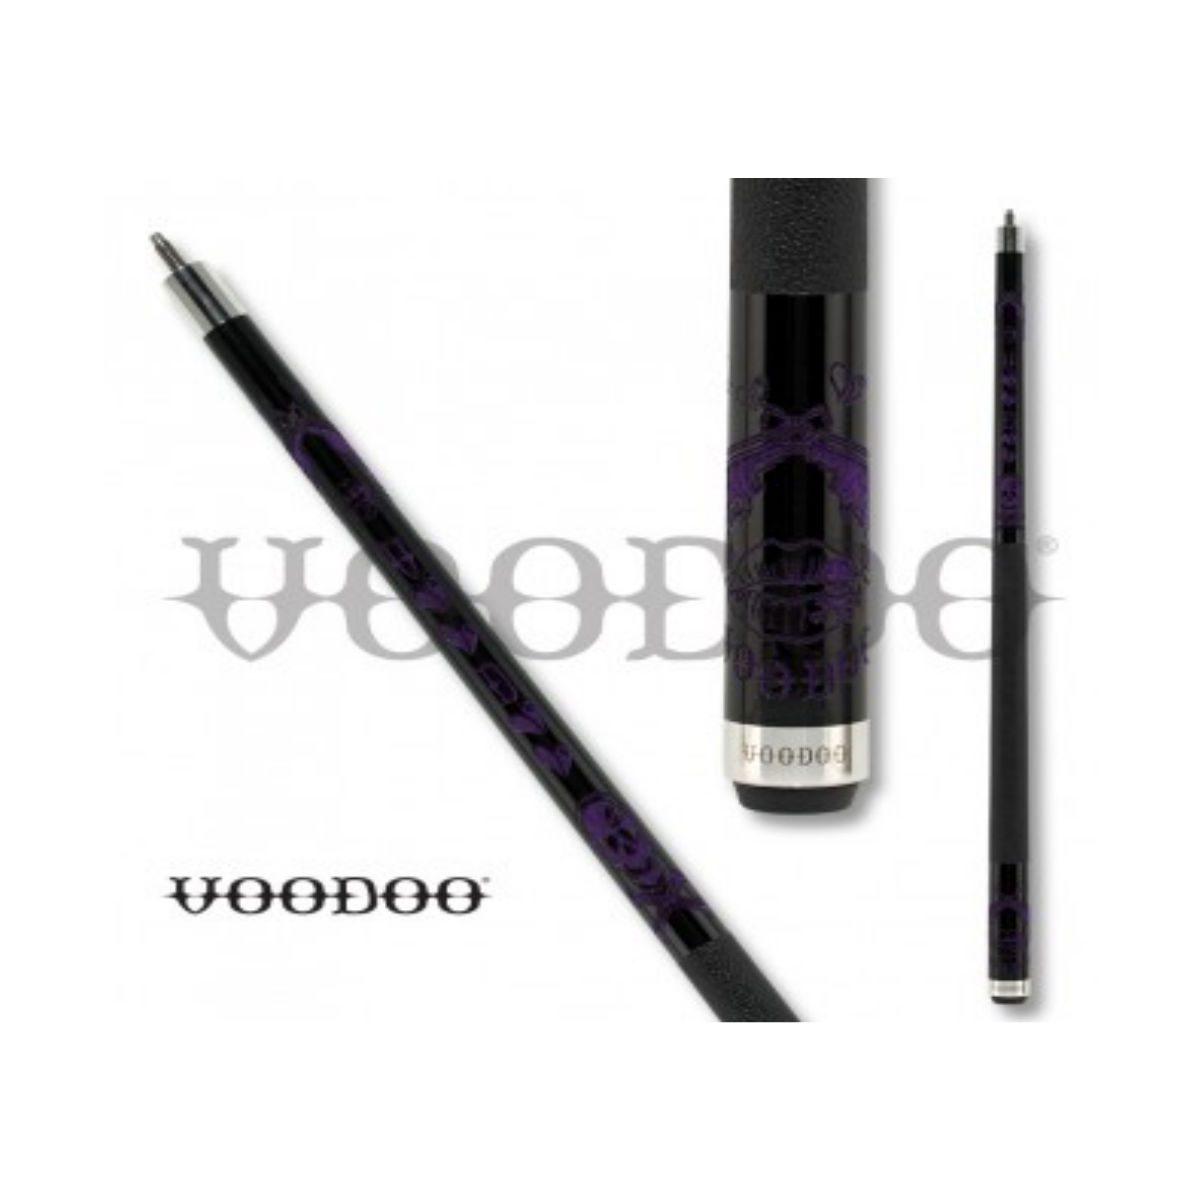 Voodoo - Vod28 - Pool Cue